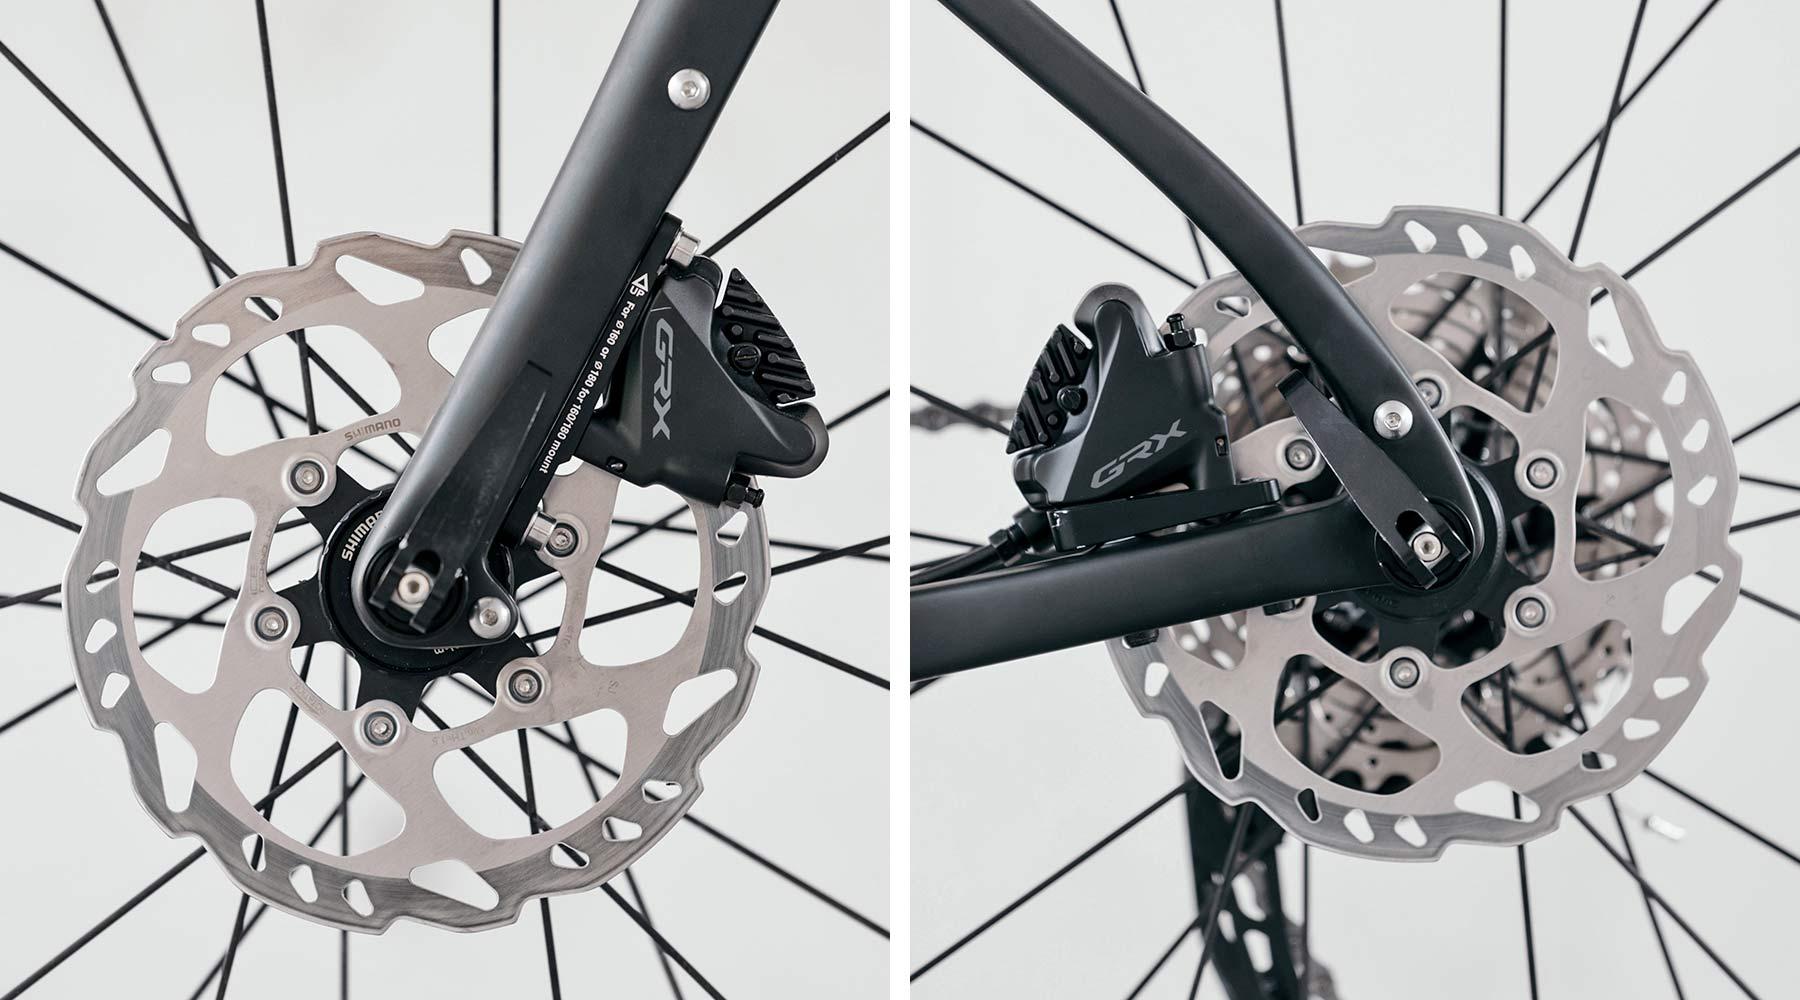 8bar Grunewald Carbon v2 affordable bikepacking adventure gravel bike, photo by Stefan Haehnel,disc brake detail